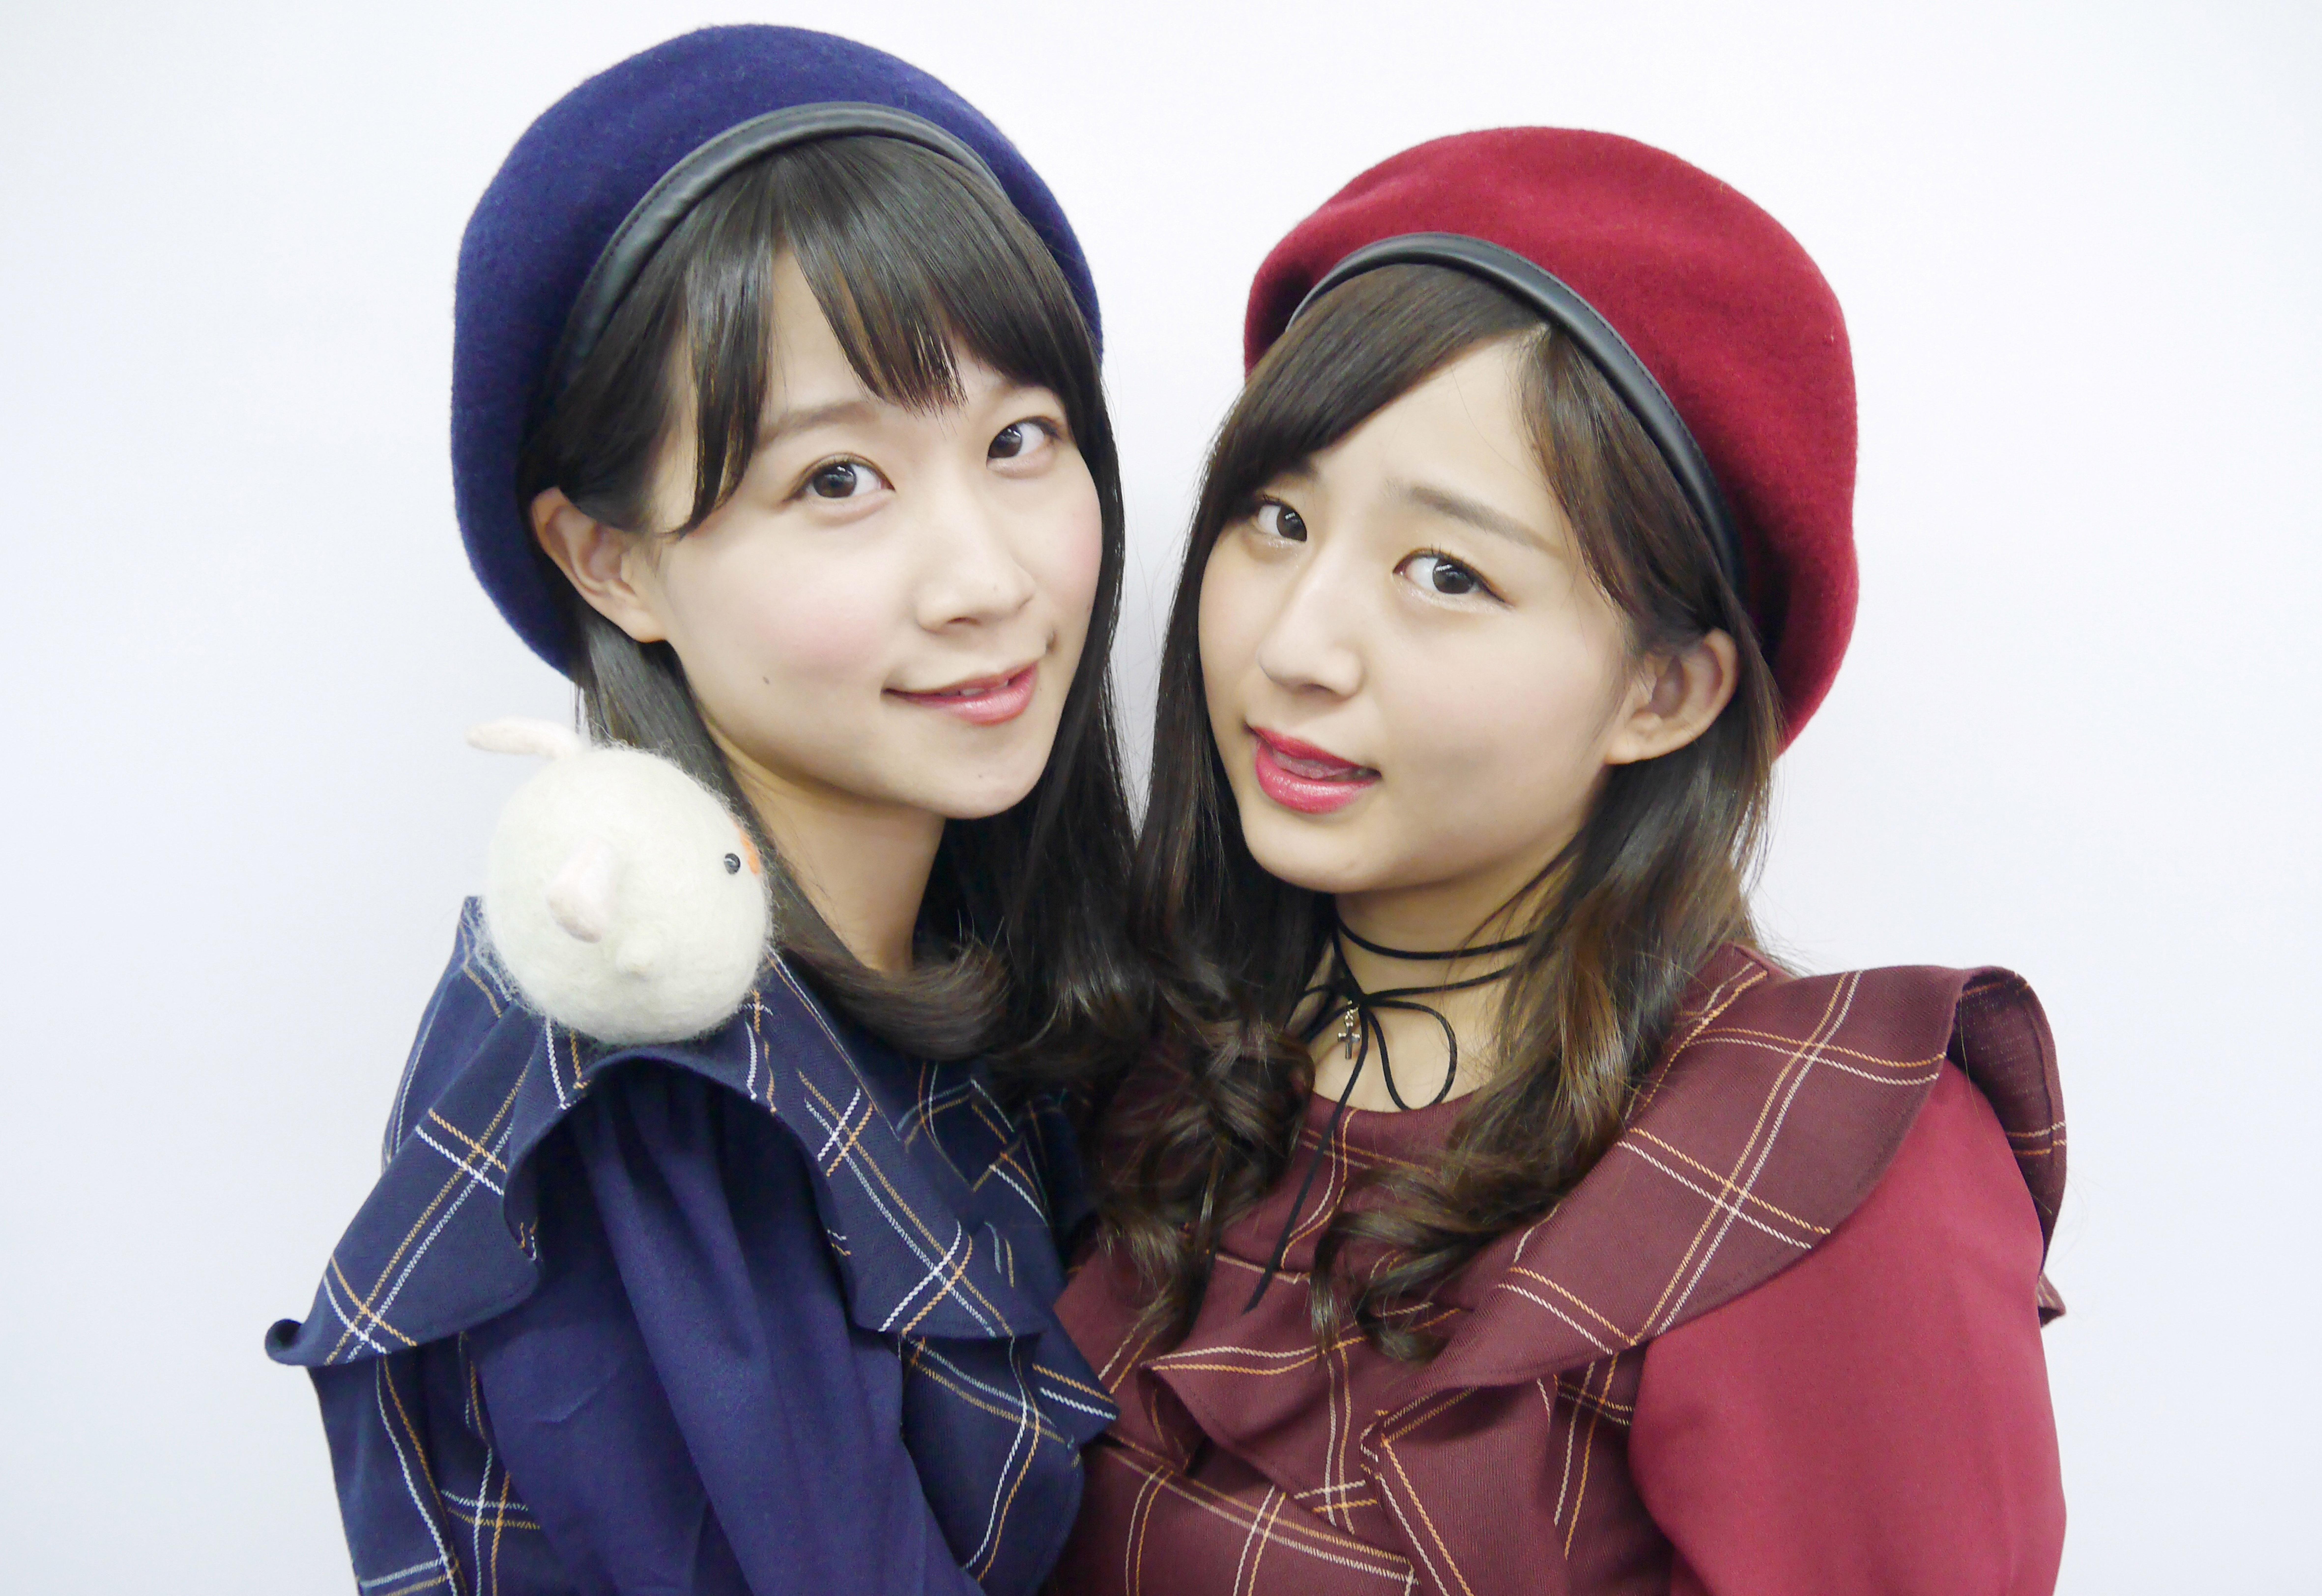 女子箱 -アイドルボックス #48- duo only 4